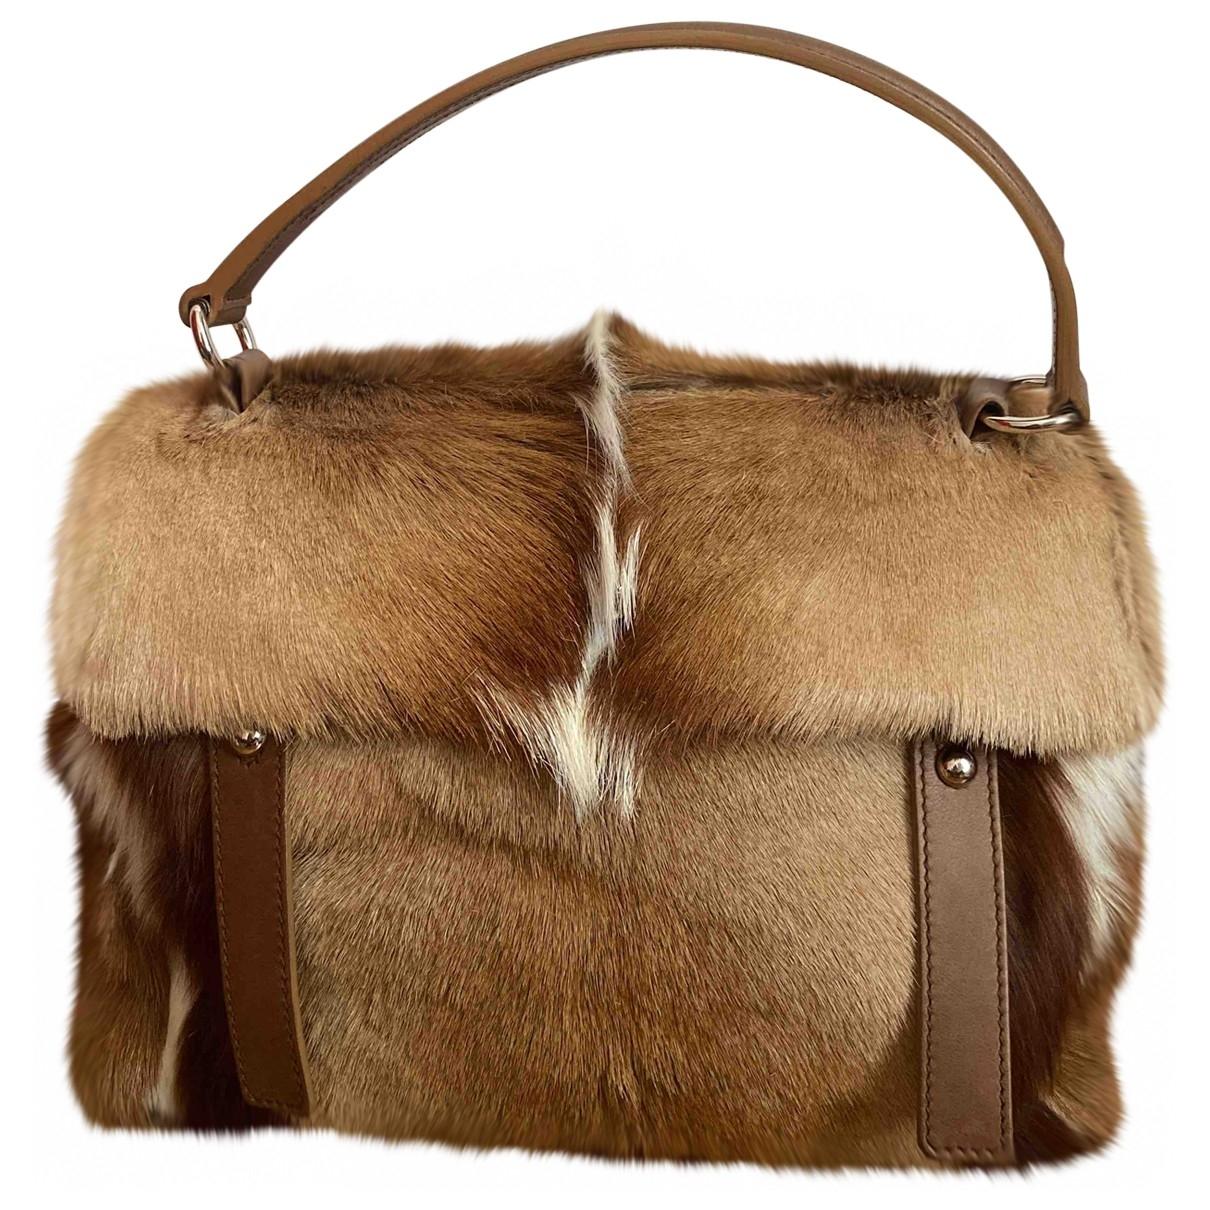 Yves Saint Laurent Muse Two Handtasche in  Braun Kalbsleder in Pony-Optik